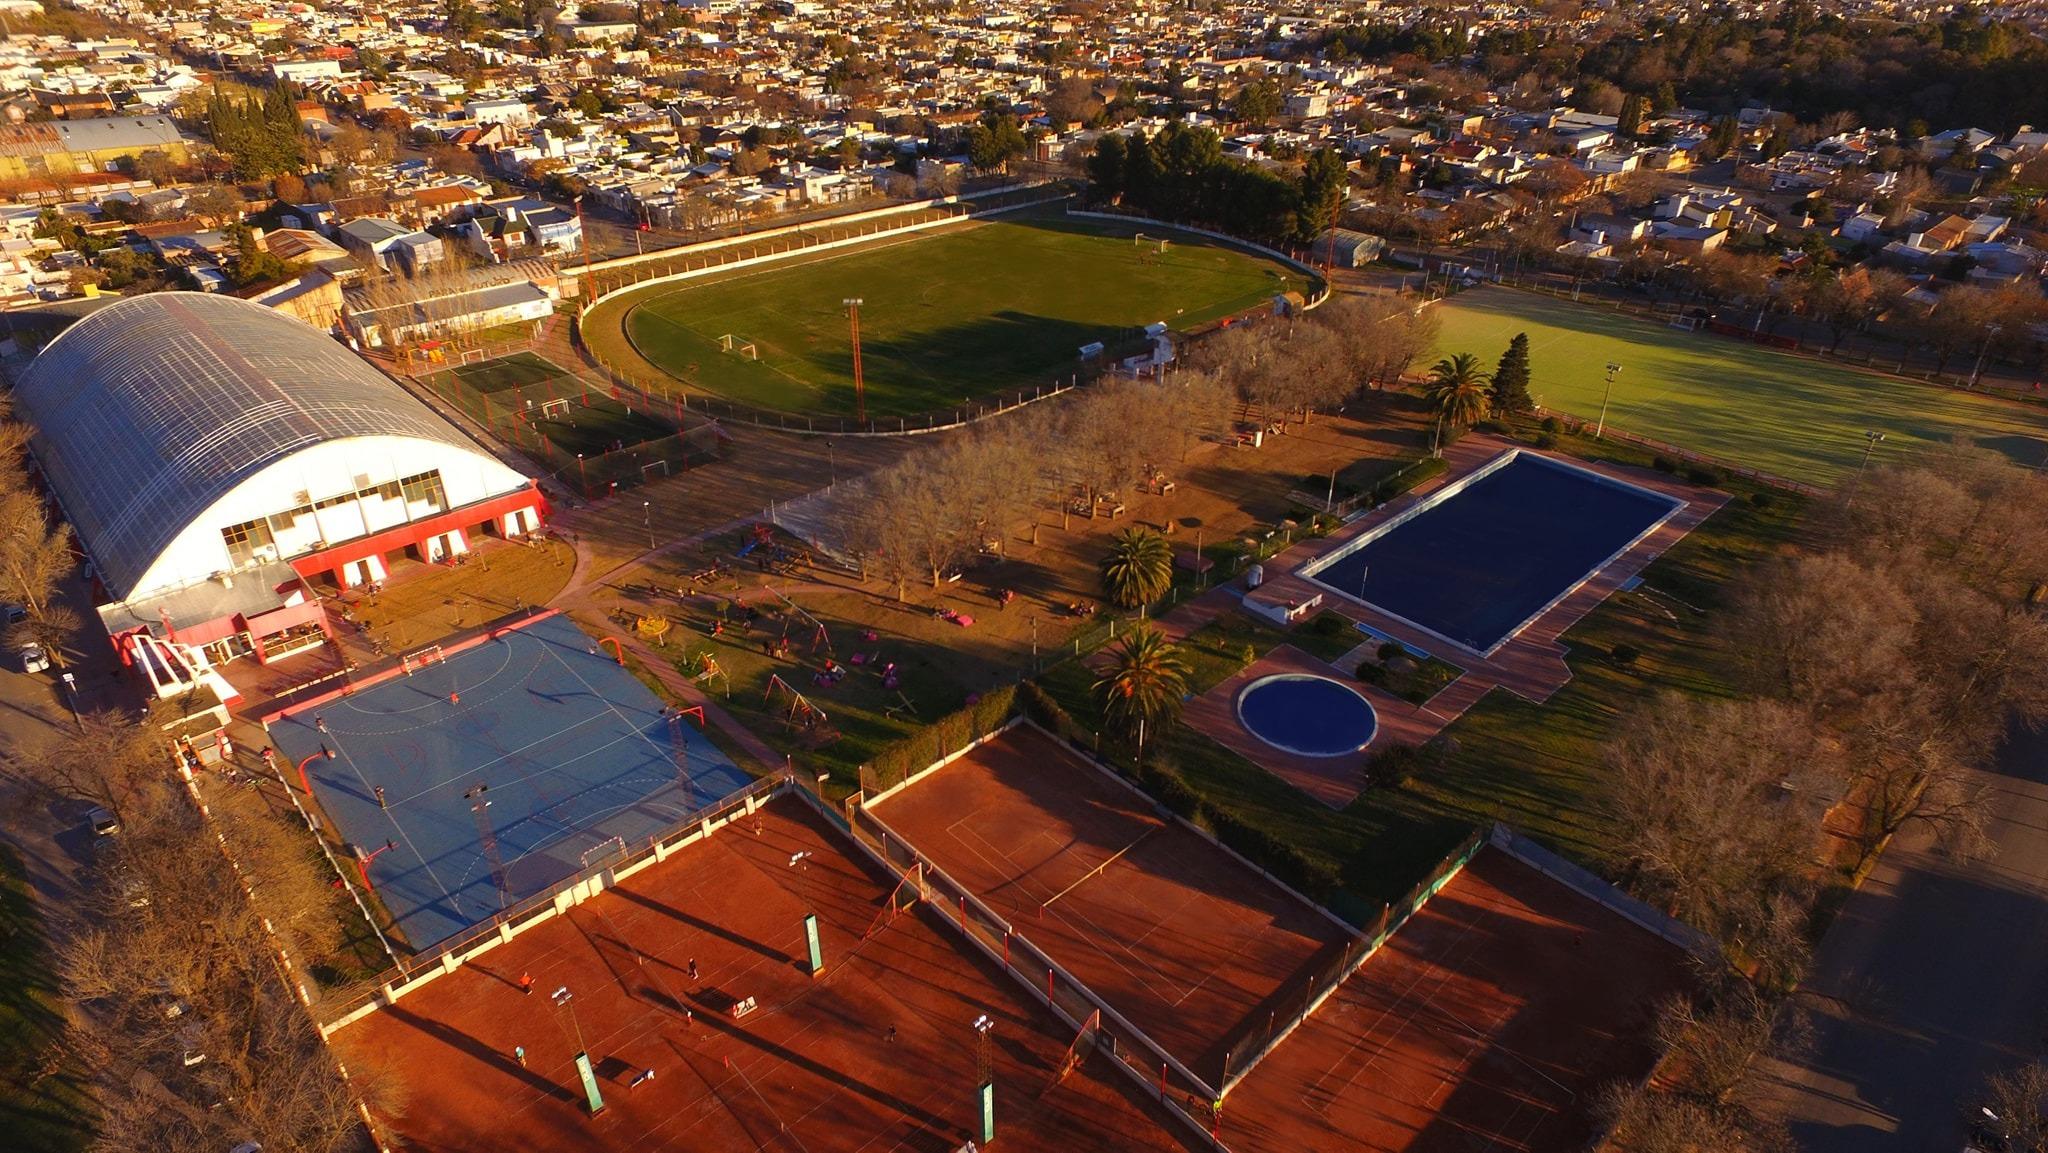 ¡Sportivo Independiente celebra hoy su centenario de vida!: Otro club de General Pico que cumple 100 años este 2020